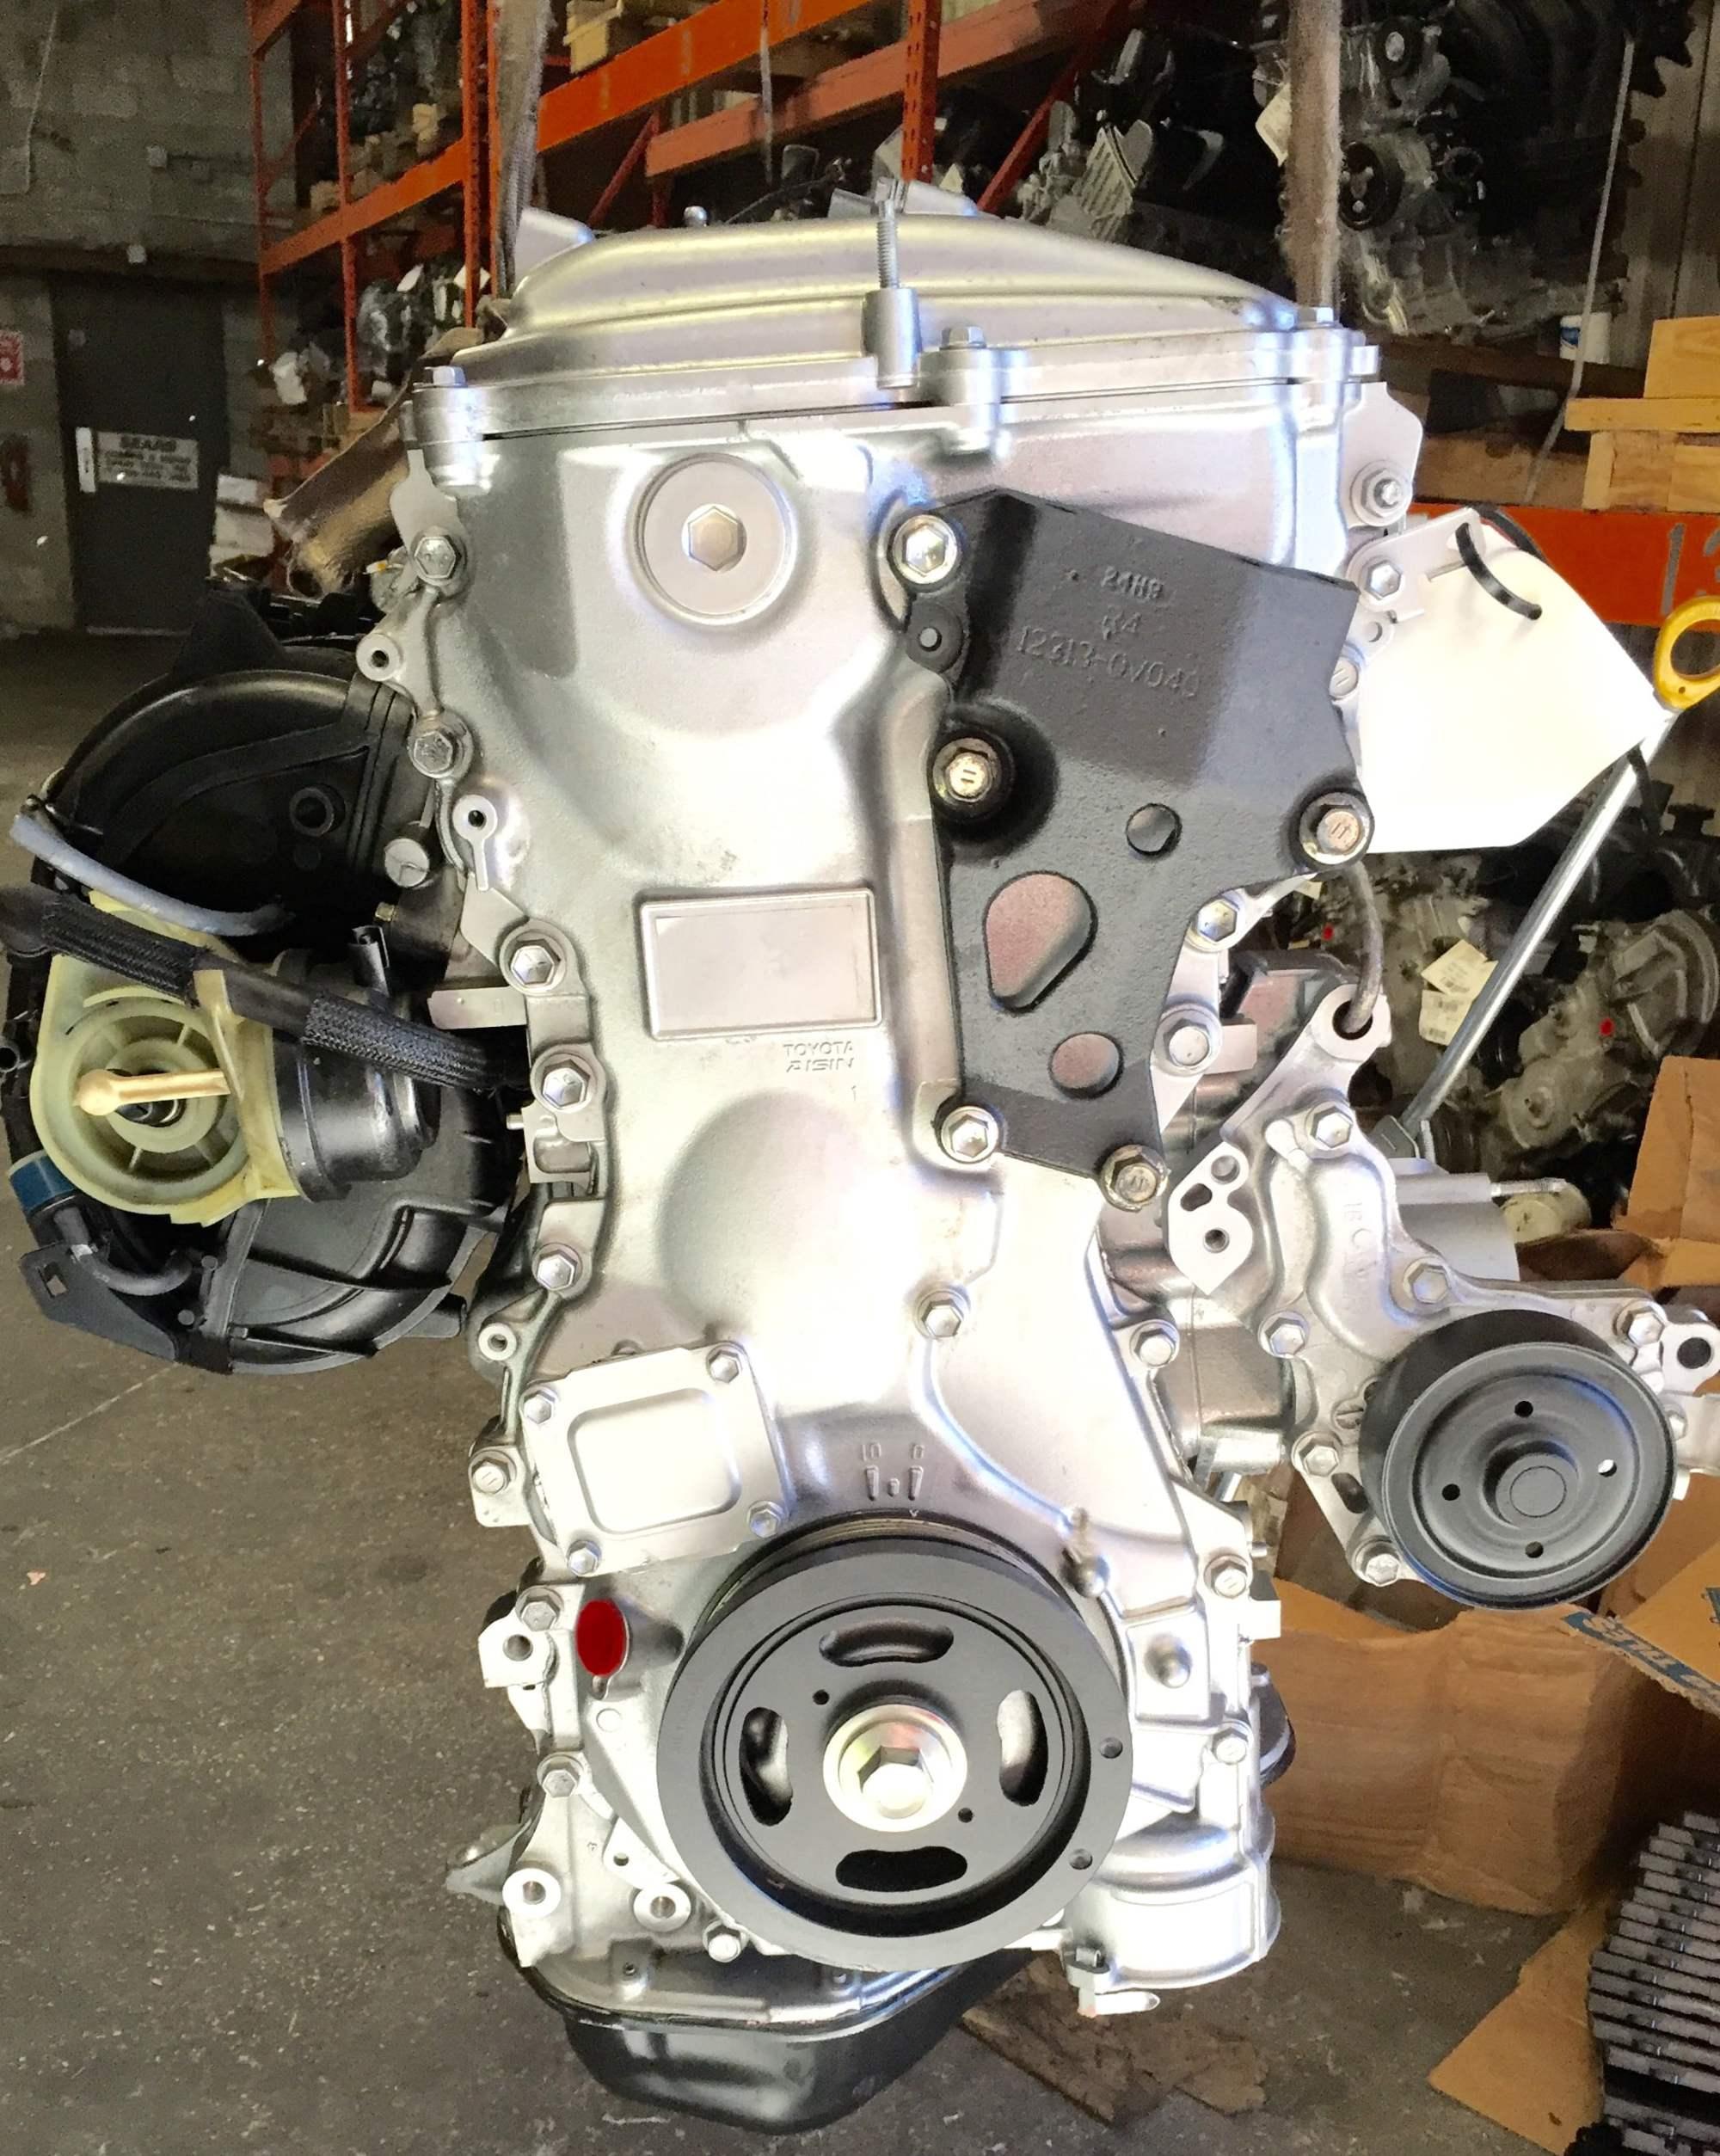 hight resolution of toyota camry 2003 engine diagram 2003 toyota echo engine 2 5 chevy engine toyota rav4 2 5l engine